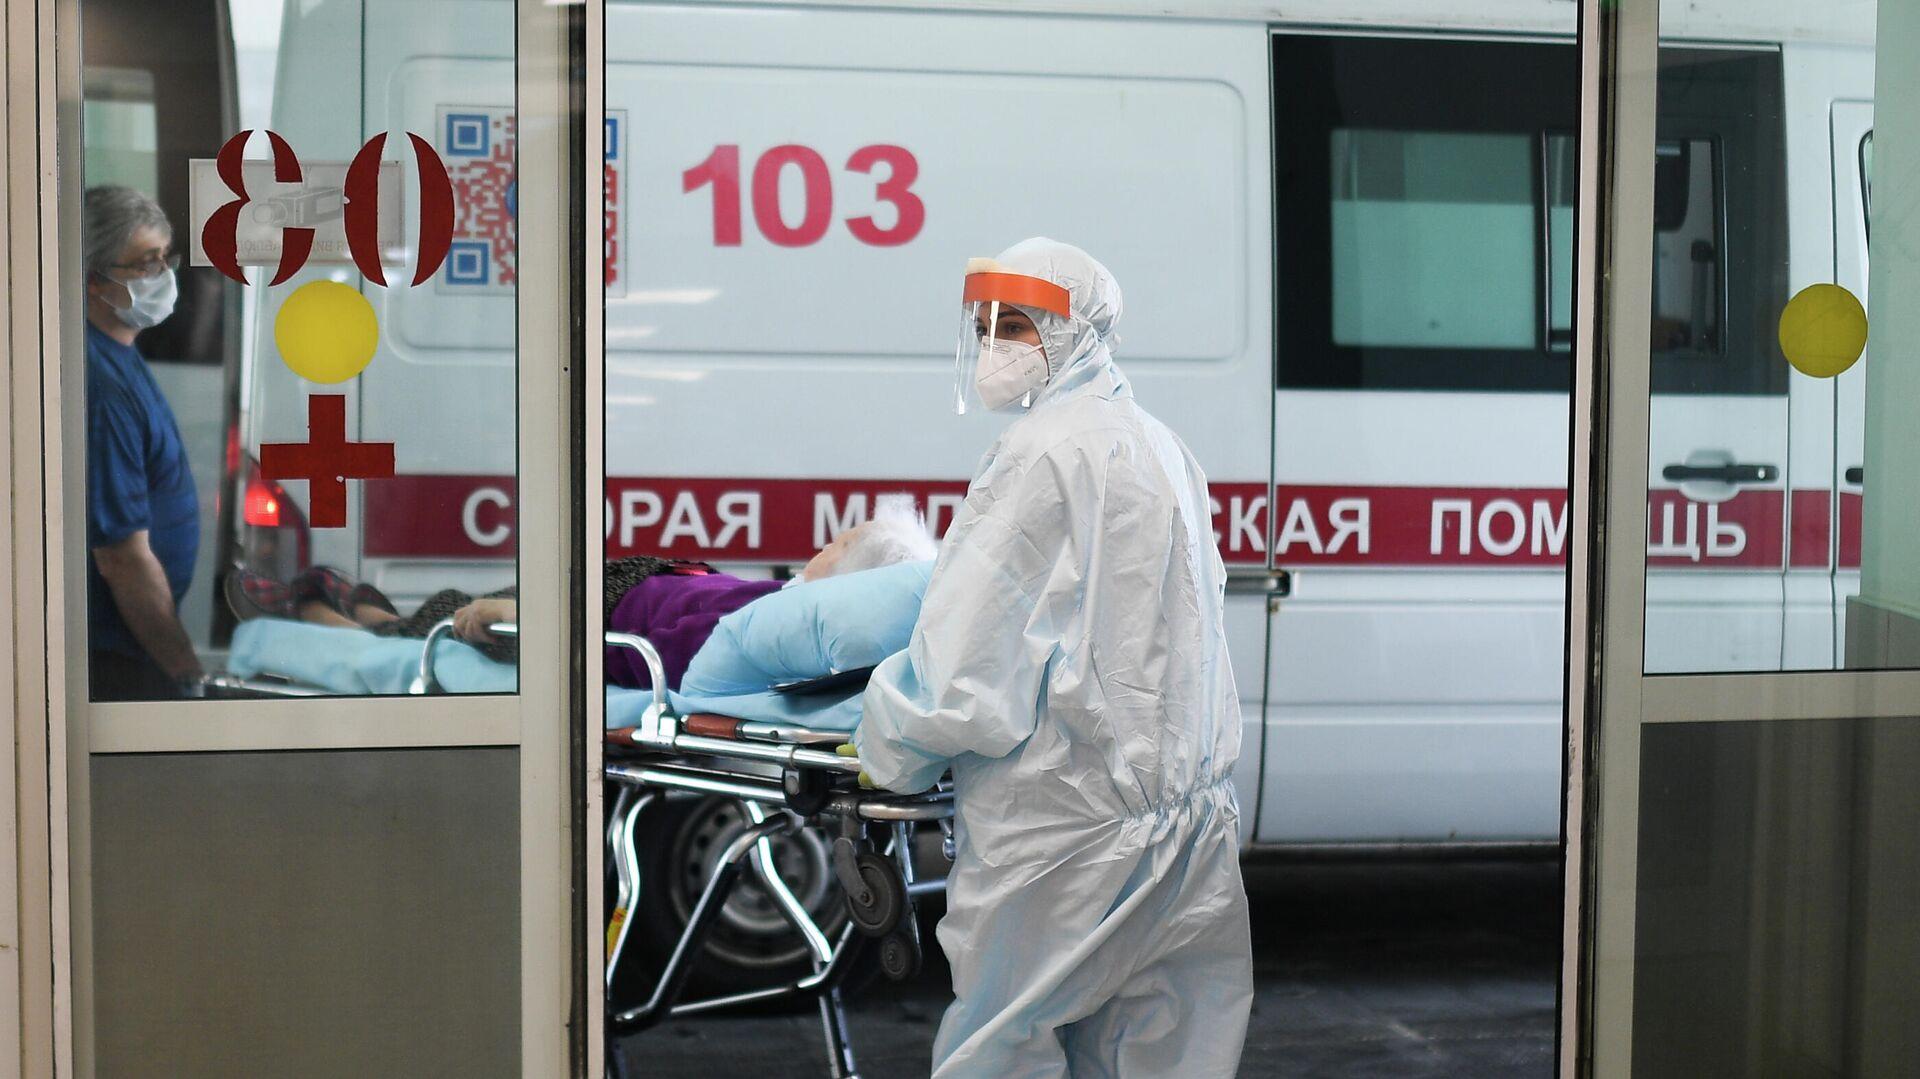 Врачи скорой помощи везут пациента в приемное отделение  - РИА Новости, 1920, 13.09.2021